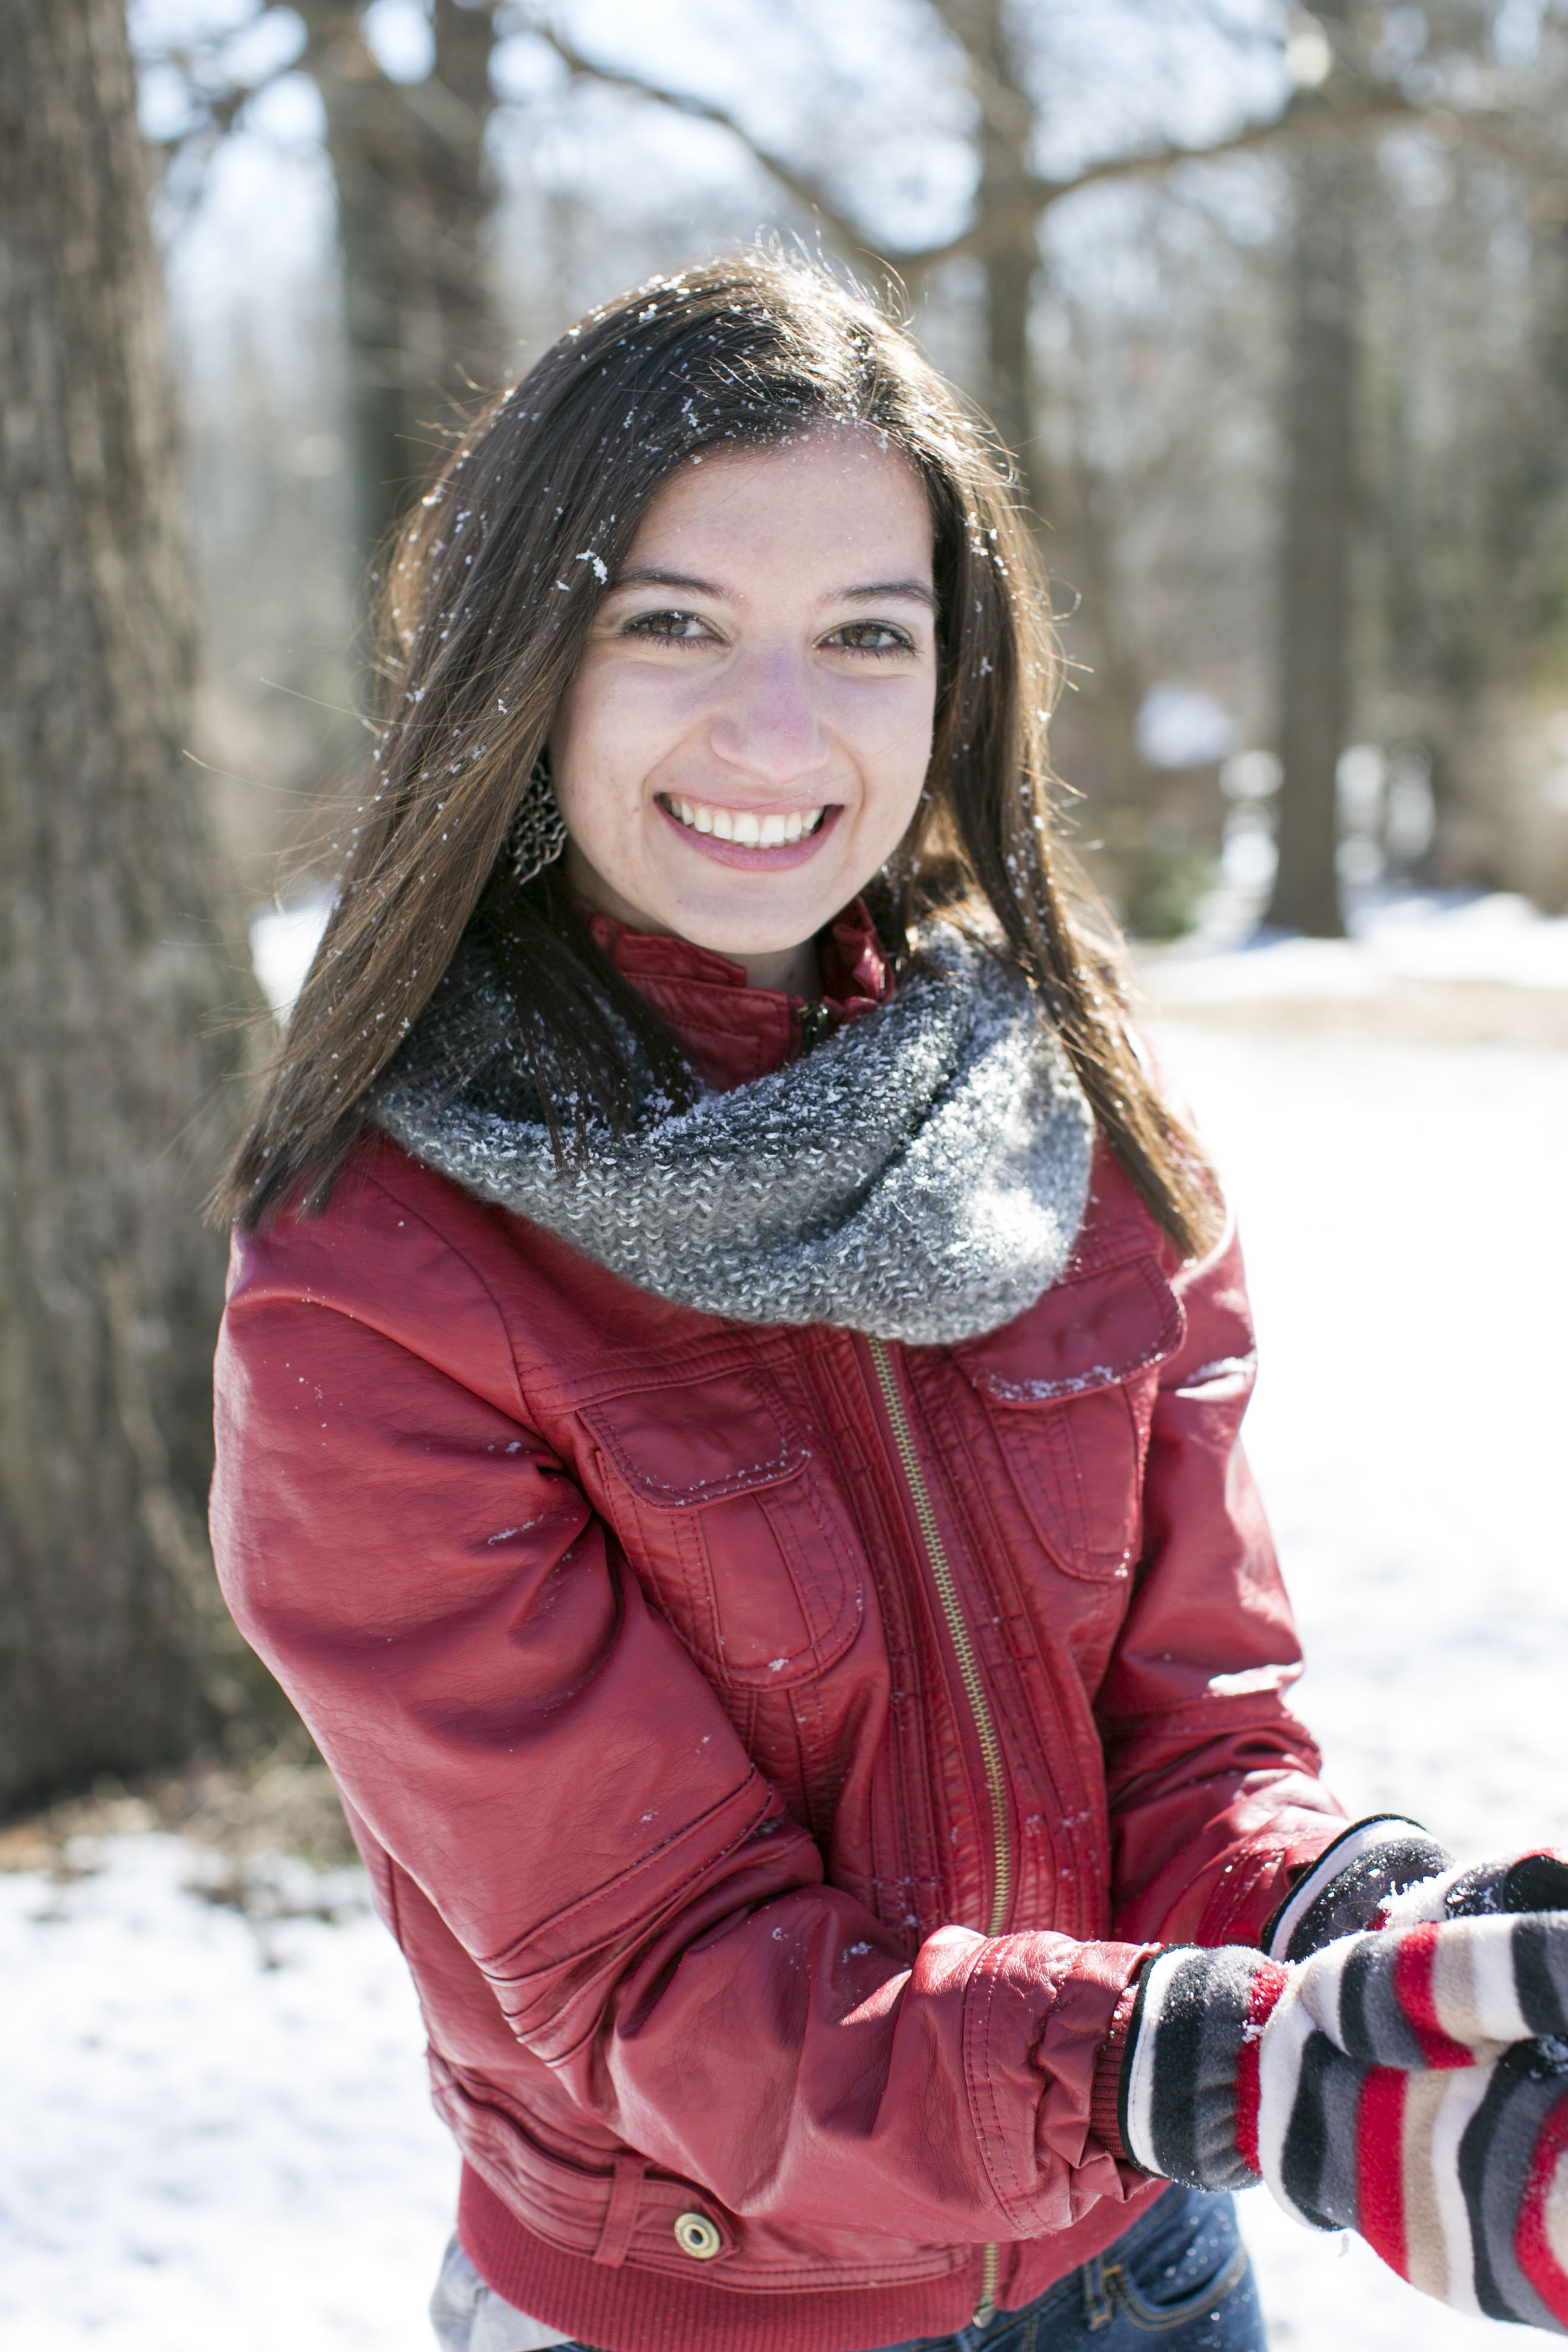 Snowy Portraits   Jess Rudolph Photography   www.jessrudolph.com